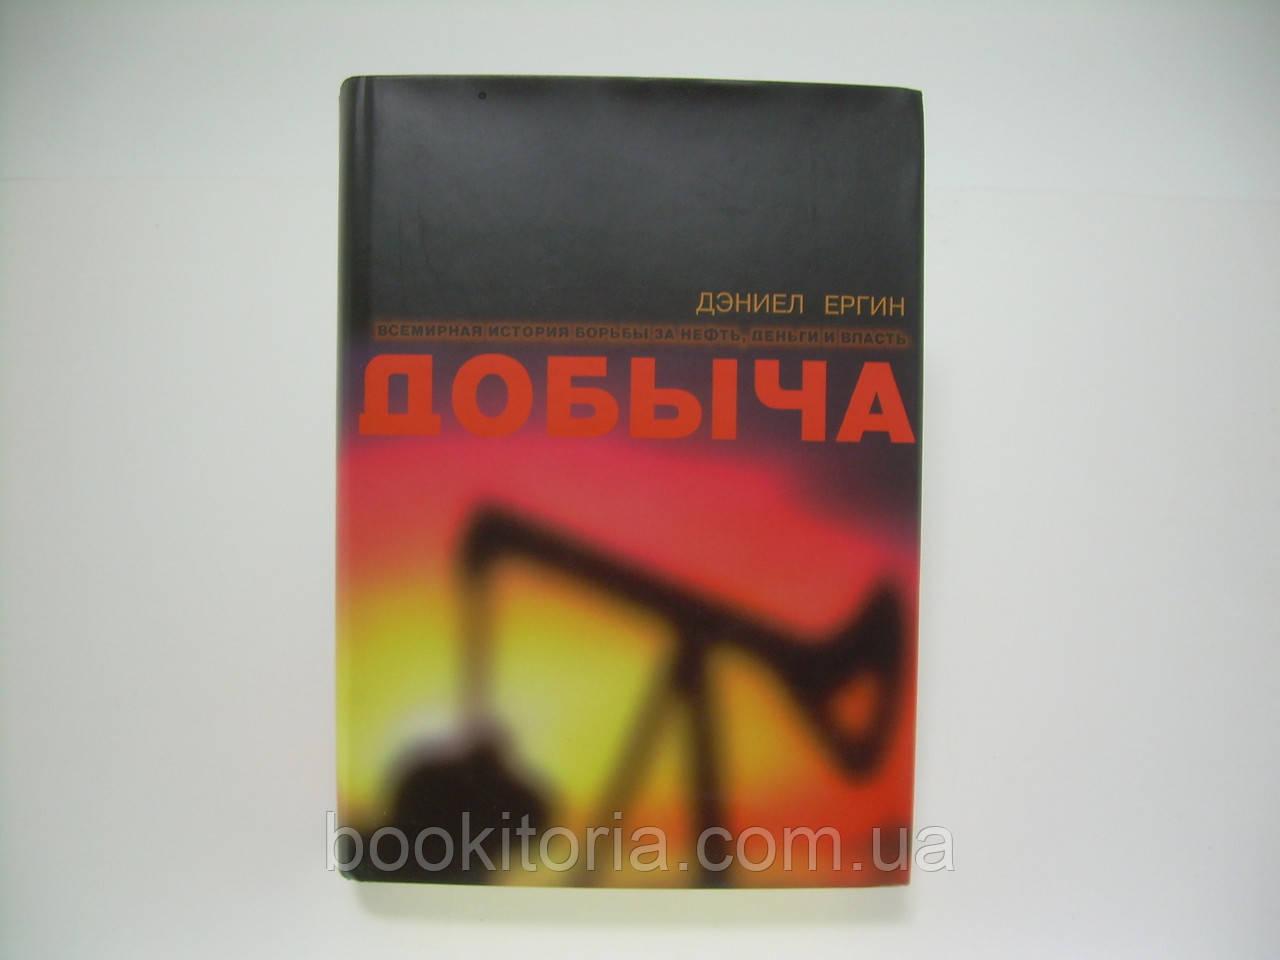 Ергин Д. Добыча. Всемирная история борьбы за нефть, деньги и власть (б/у).